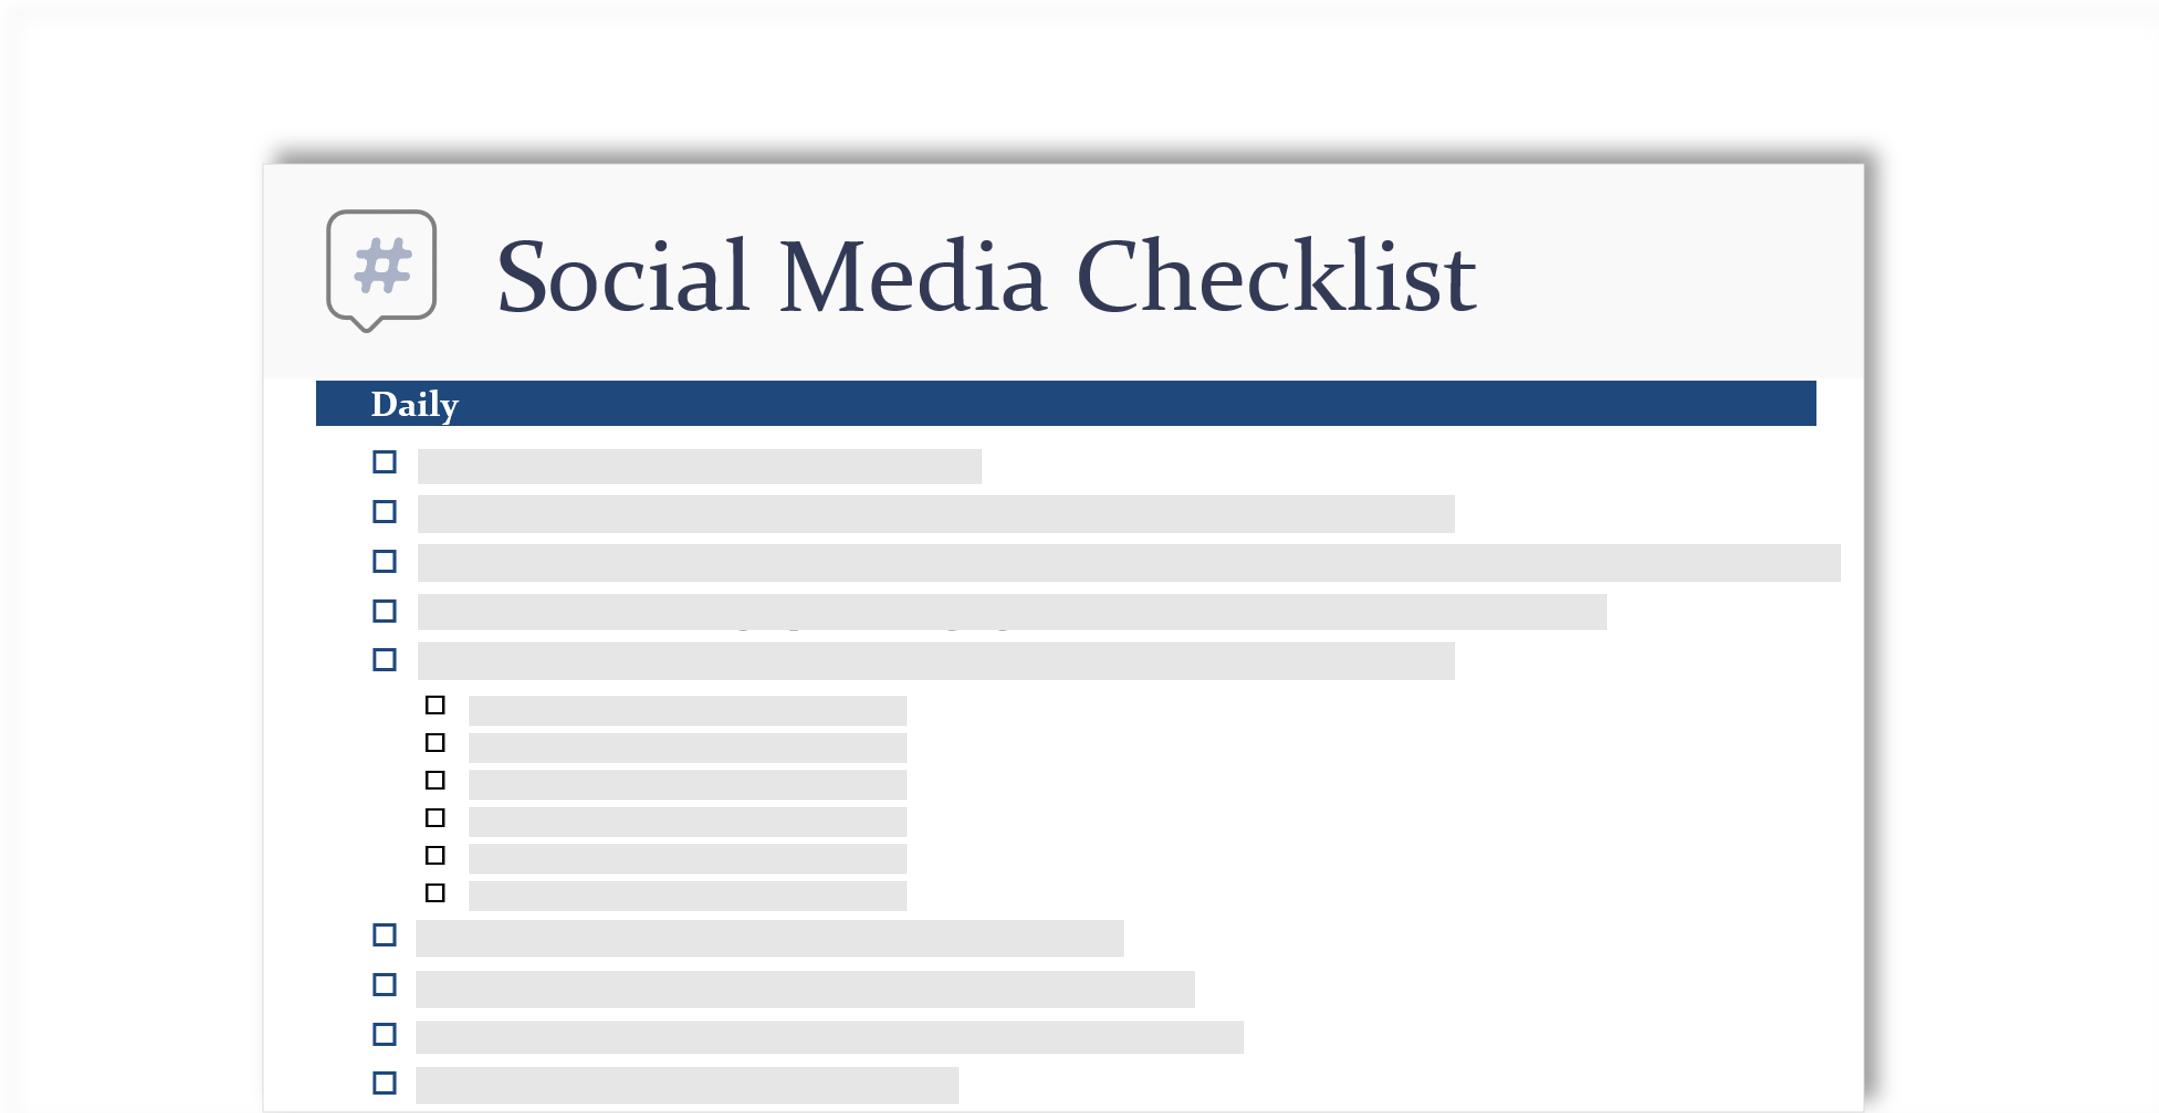 konceptualna slika družabnih storitev kontrolnega seznama